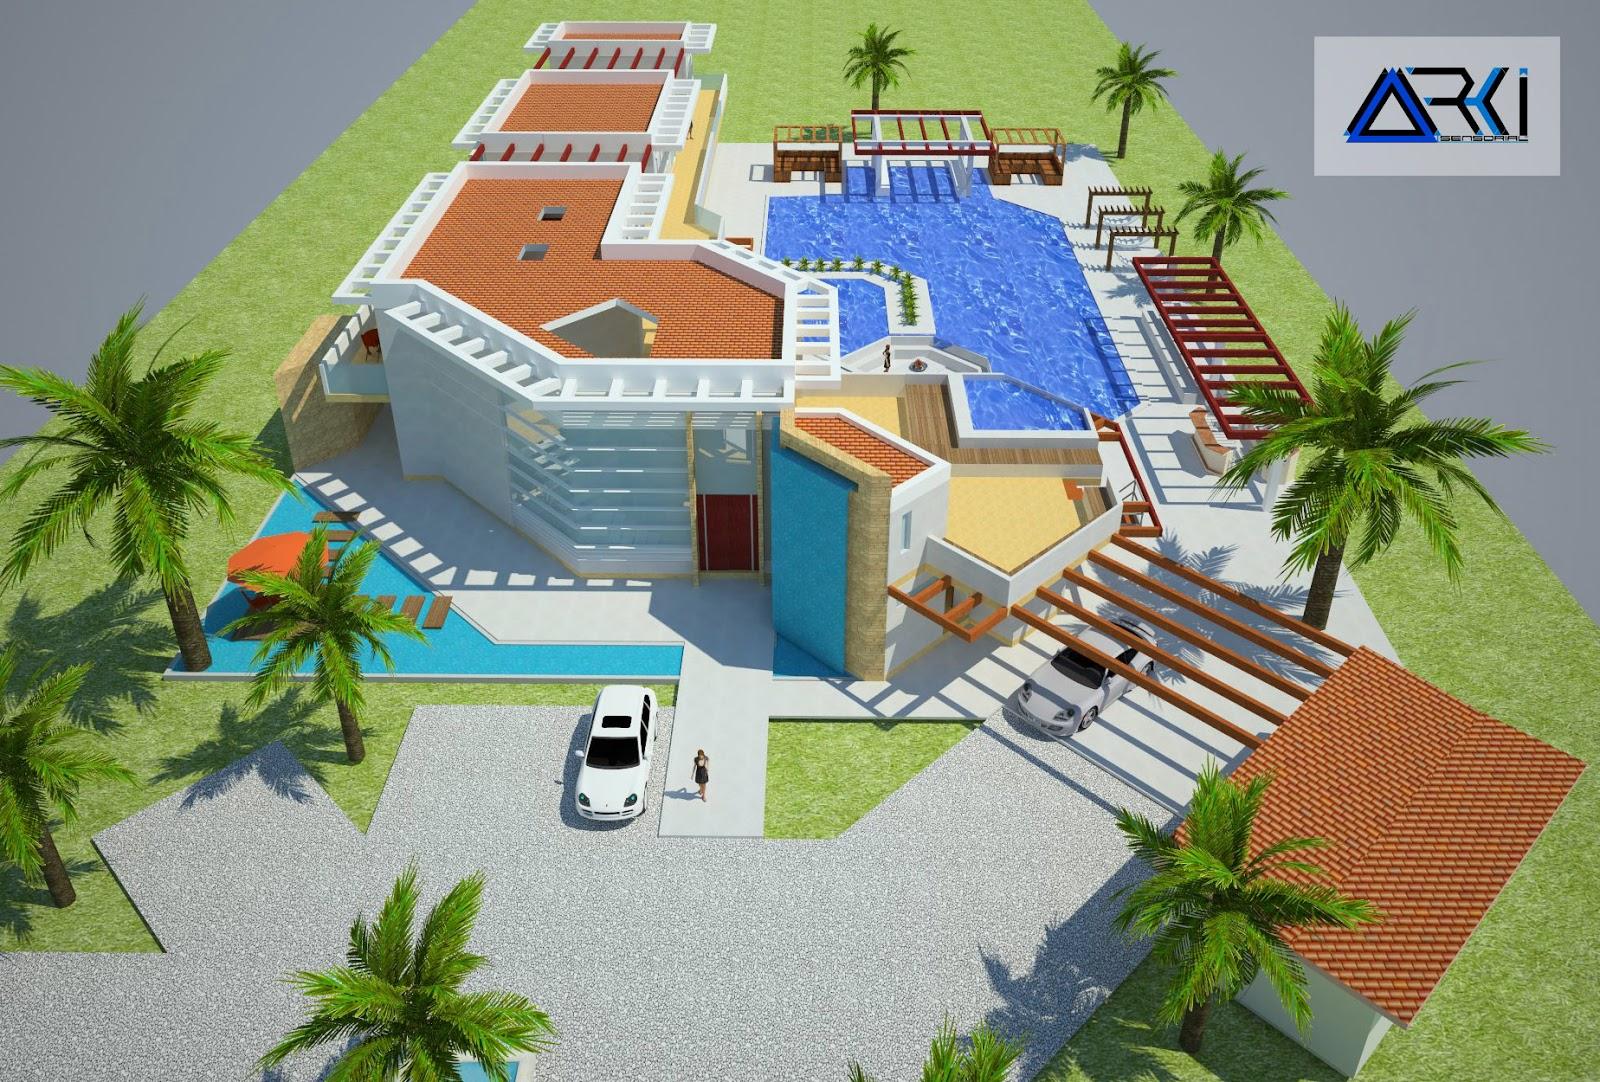 Proyecto arquitect nico final planos detalles y maqueta for Diseno y construccion de piscinas en colombia